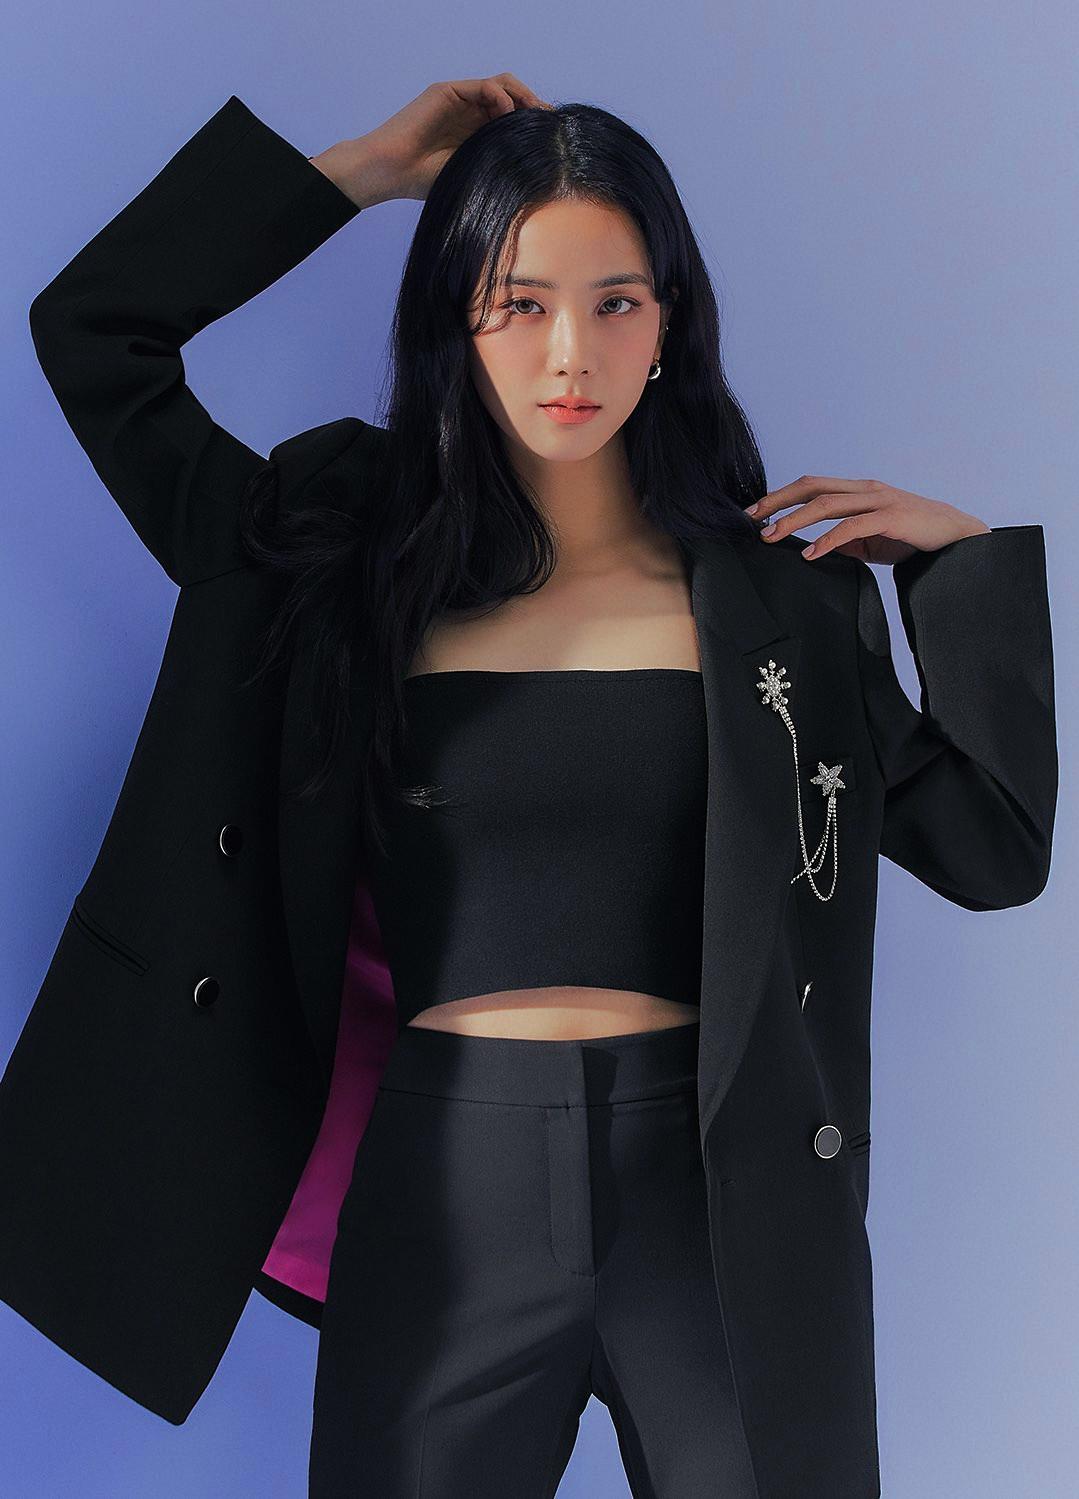 Jisoo tỏa sáng khí chất tổng tài khi diện áo blazer đen, khác hẳn style ngọt ngào ngày thường - Ảnh 1.